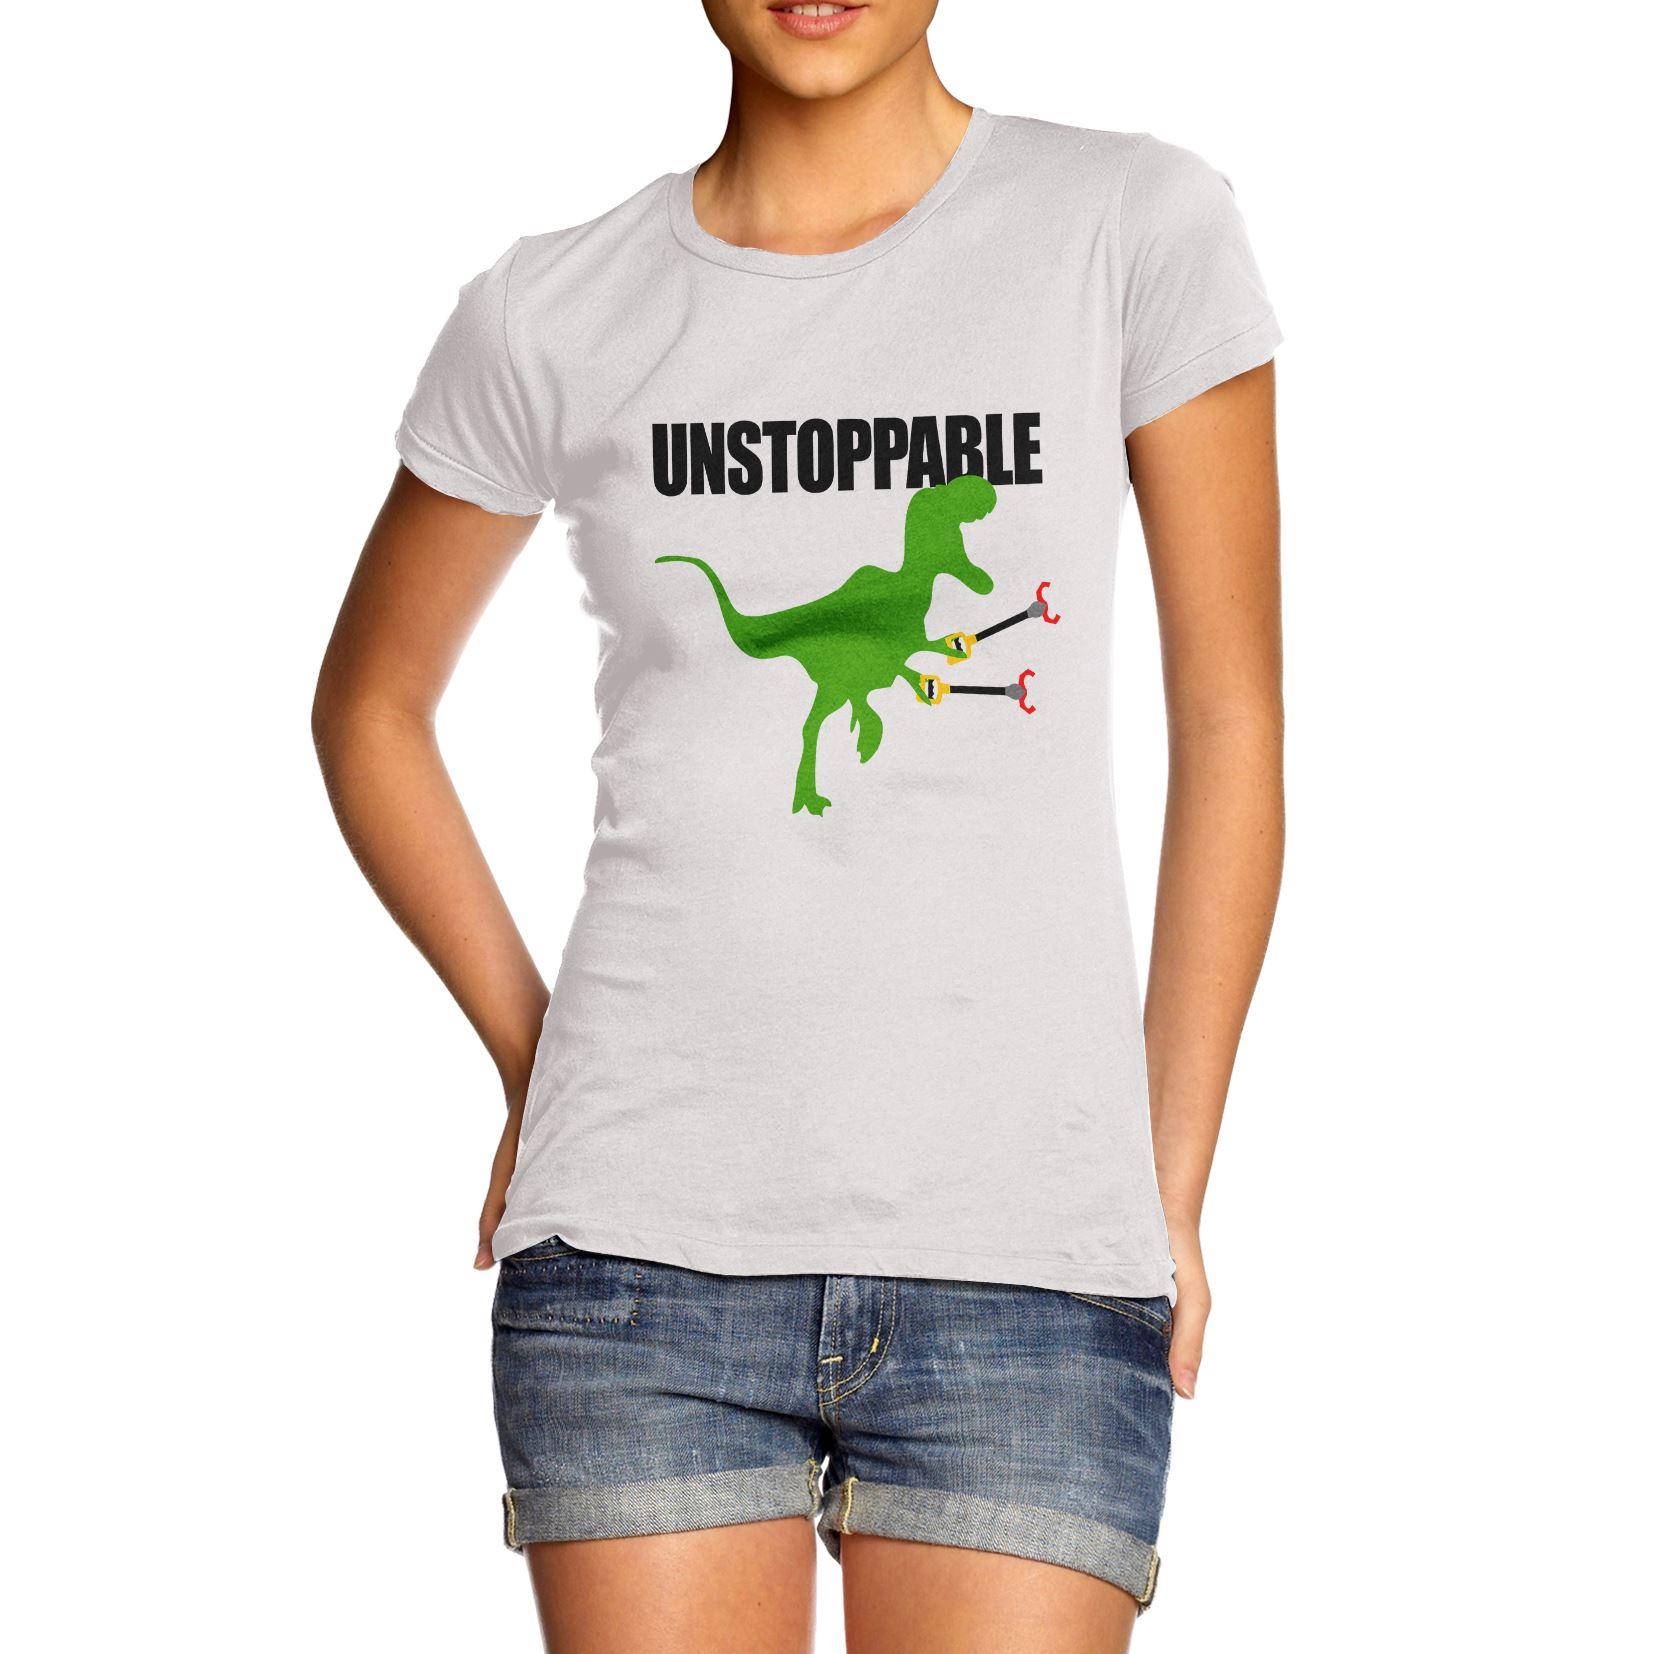 Women s Funny Unstoppable T Rex Dinosaur T-Shirt  640d134368